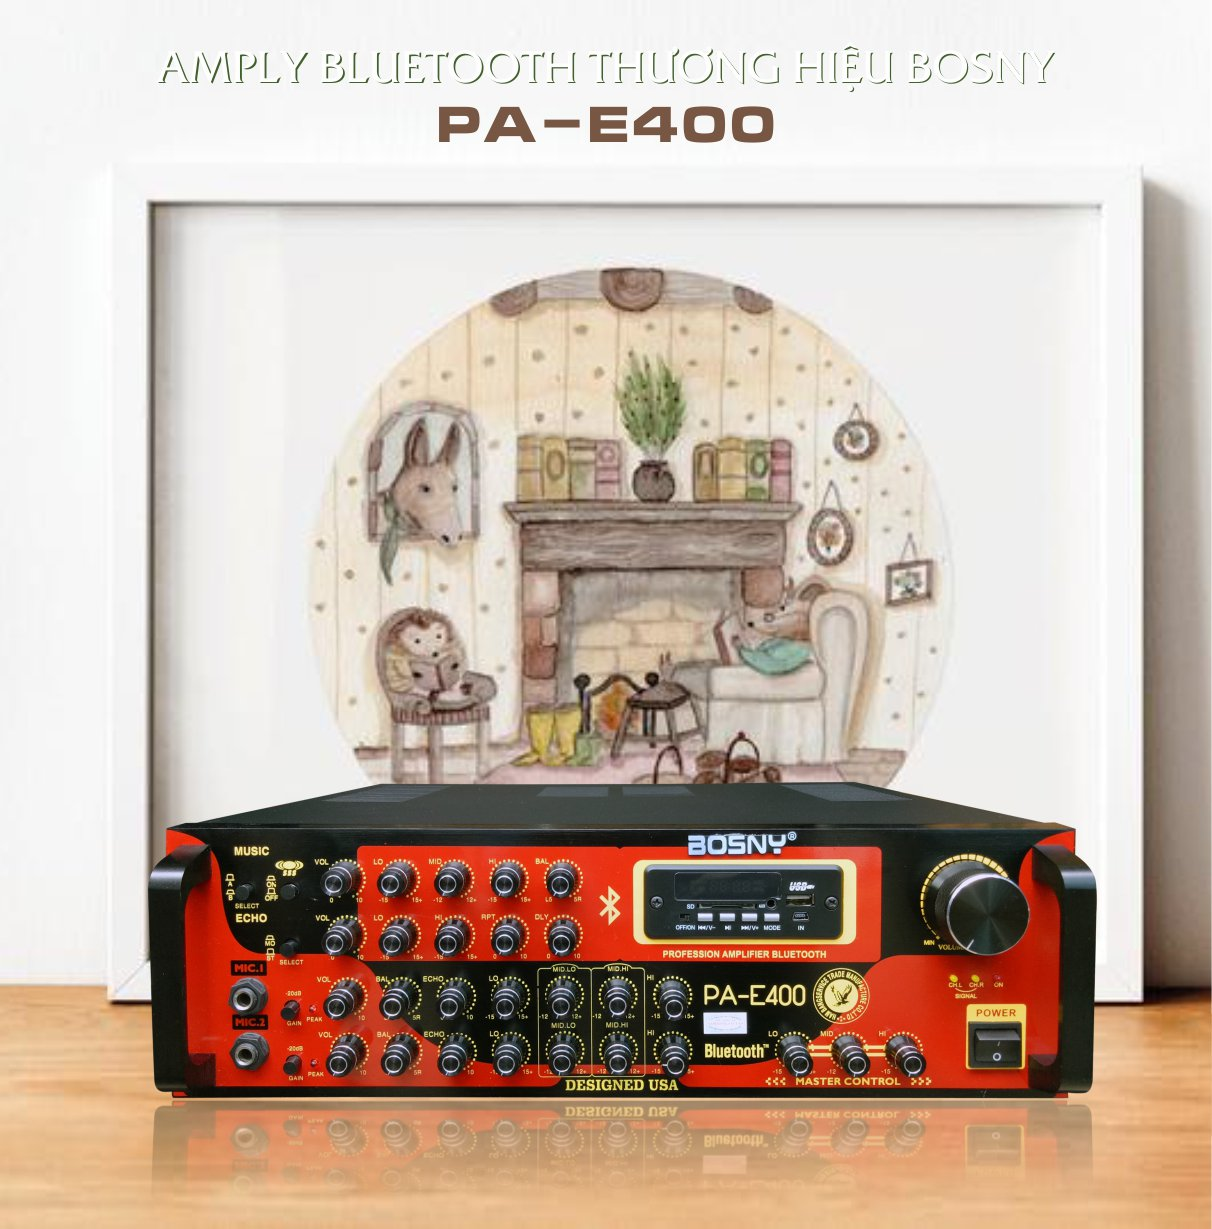 AMPLY BLUETOOTH THƯƠNG HIỆU BOSNY PA-E400 (Hàng chính hãng)